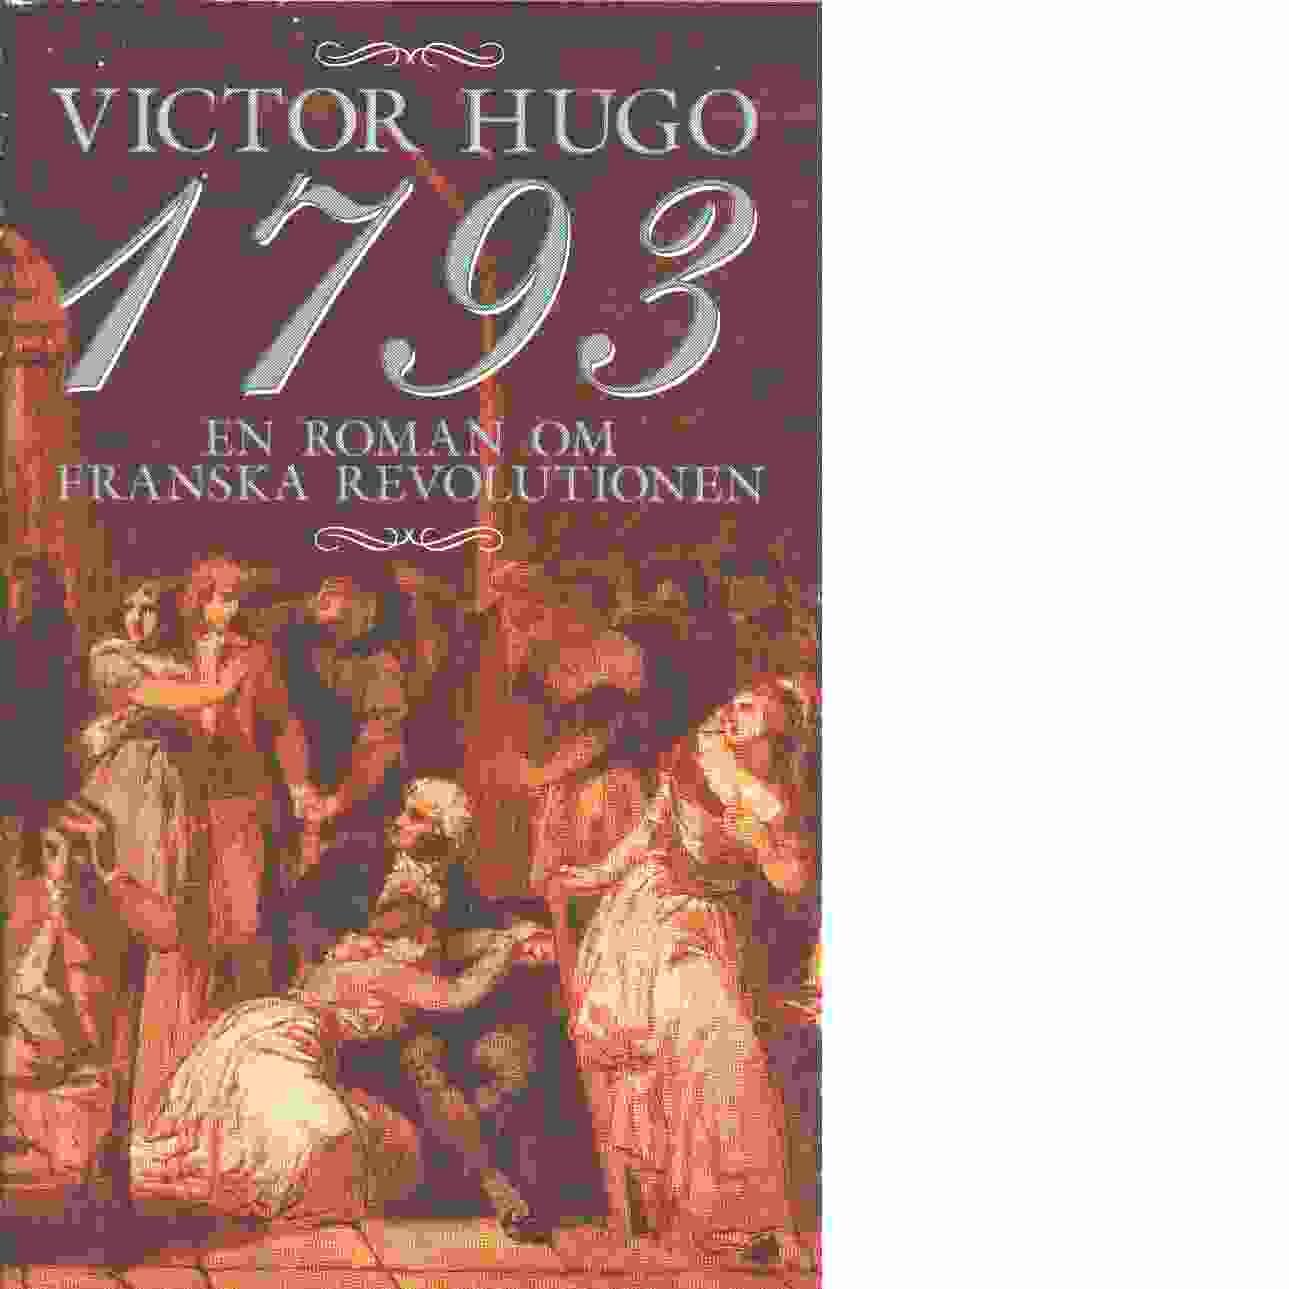 1793 : [en roman om franska revolutionen] - Hugo, Victor